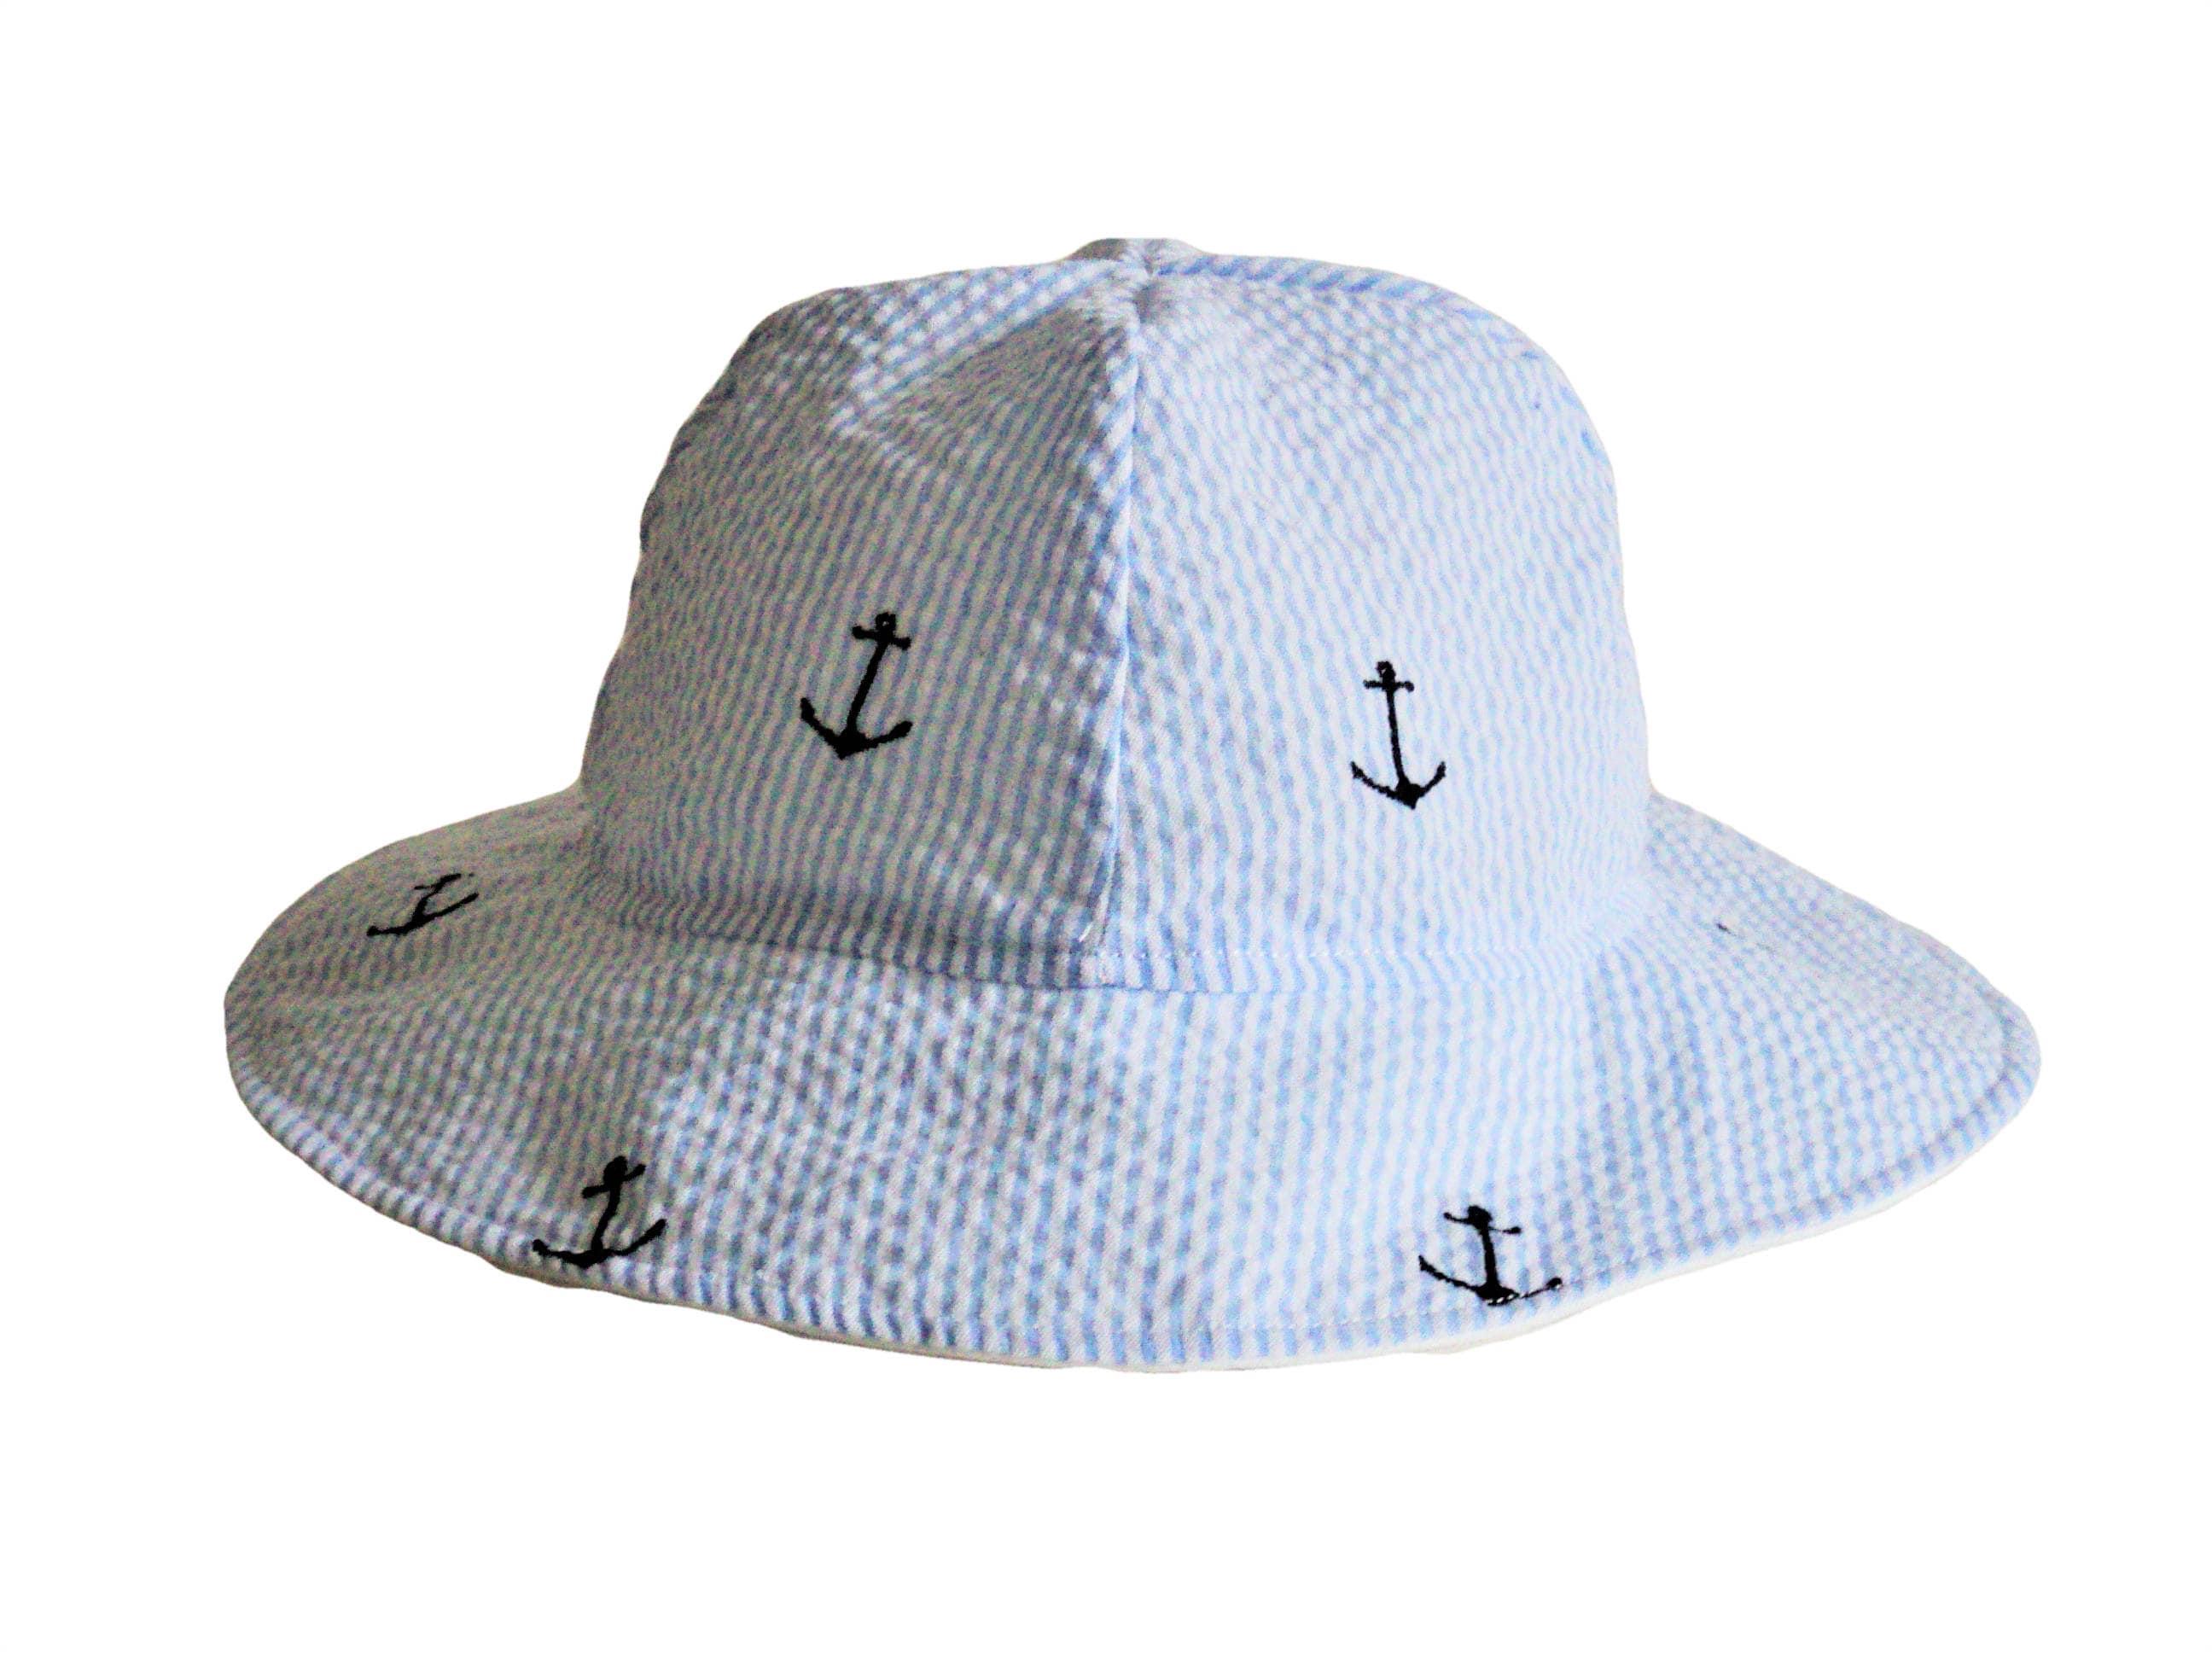 90402a4b336 Childrens Sun Hat Baby Sun Hat Seersucker Hat Toddler Hat | Etsy